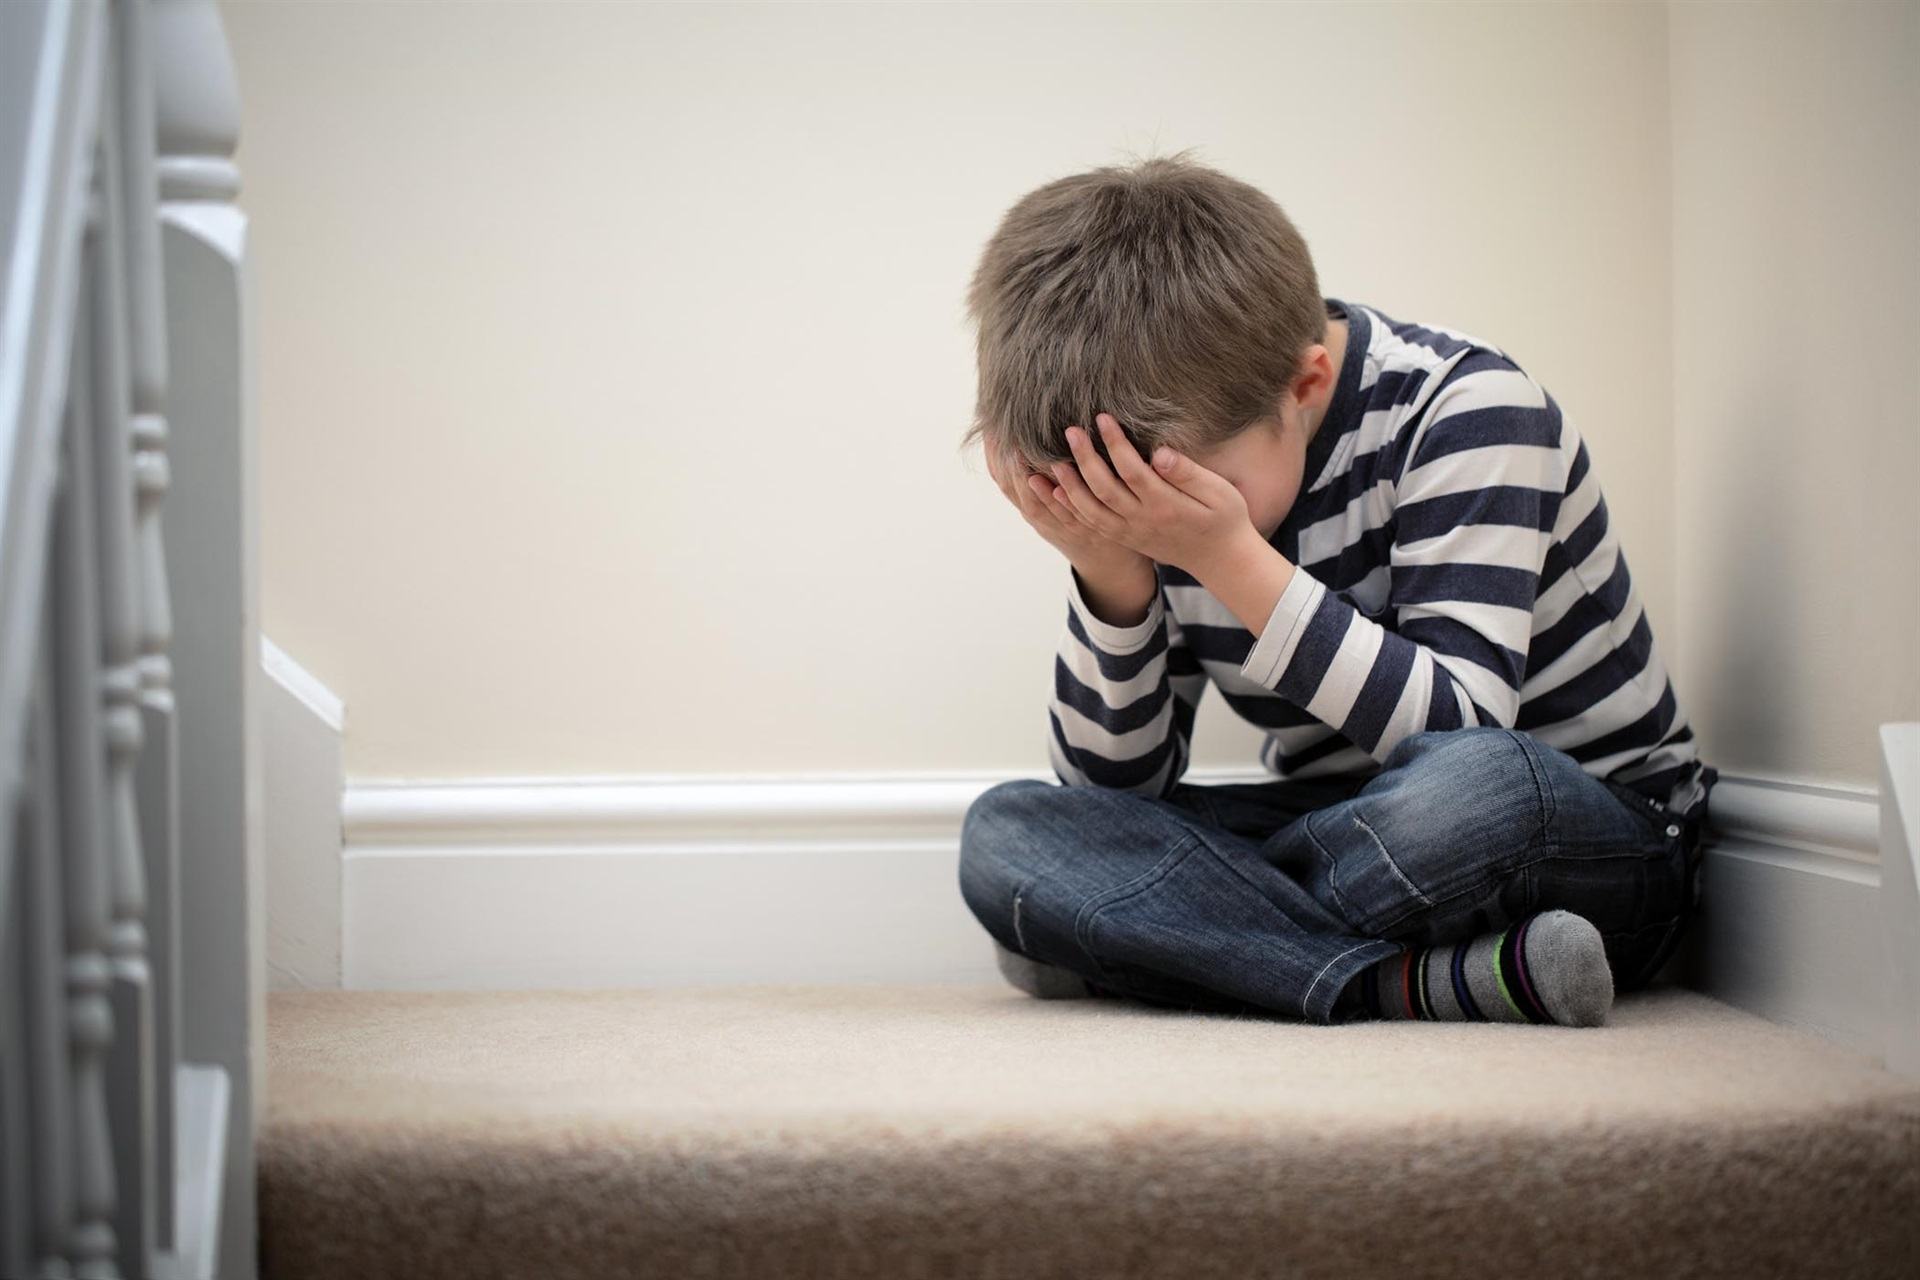 Ảnh bé trai buồn, khóc đẹp nhất